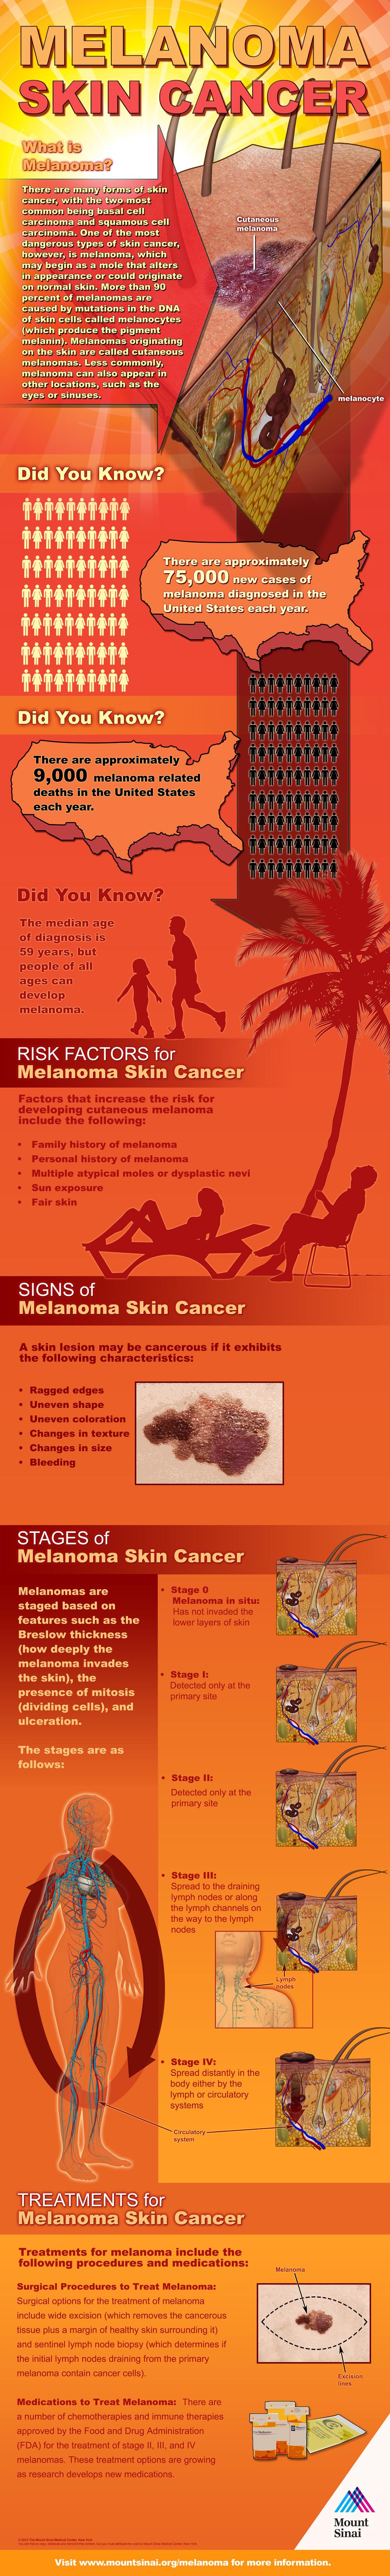 Melanoma Infographic #melanoma #cancerawareness #cancer #may #ohmrstucker